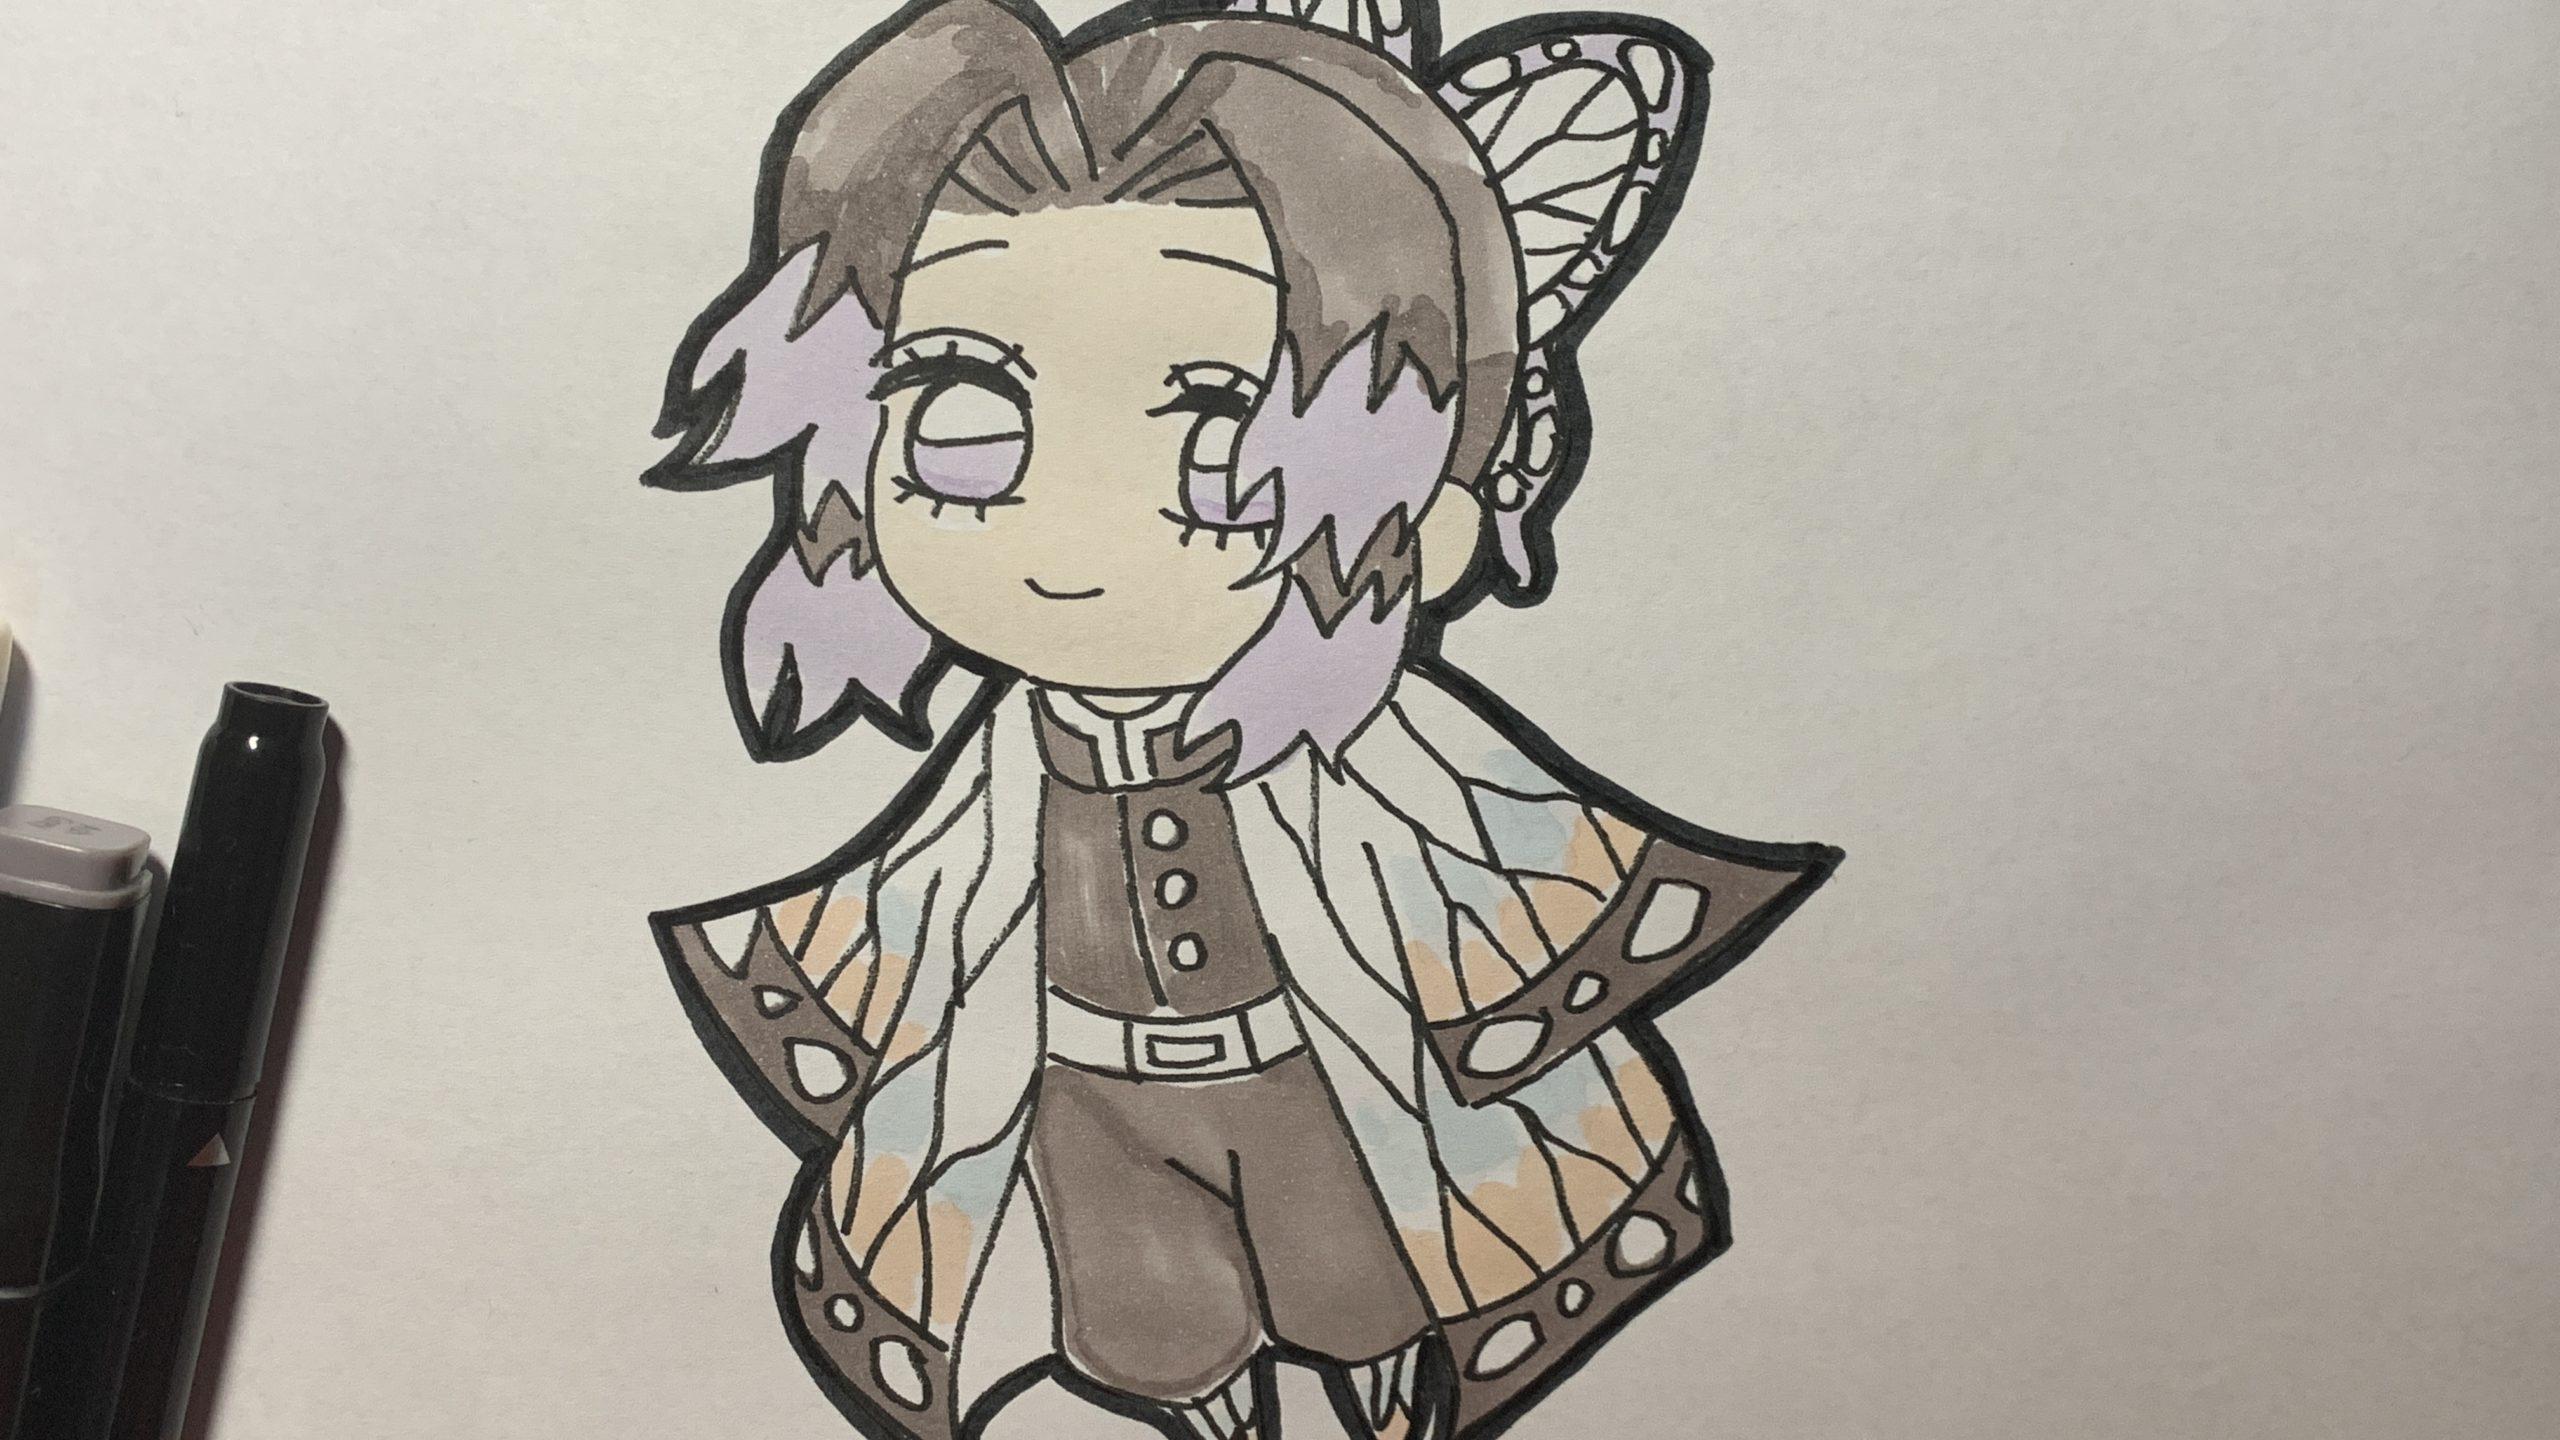 ミニキャラ 鬼滅の刃 しのぶ 【鬼滅の刃】簡単!胡蝶しのぶのミニキャラの描き方